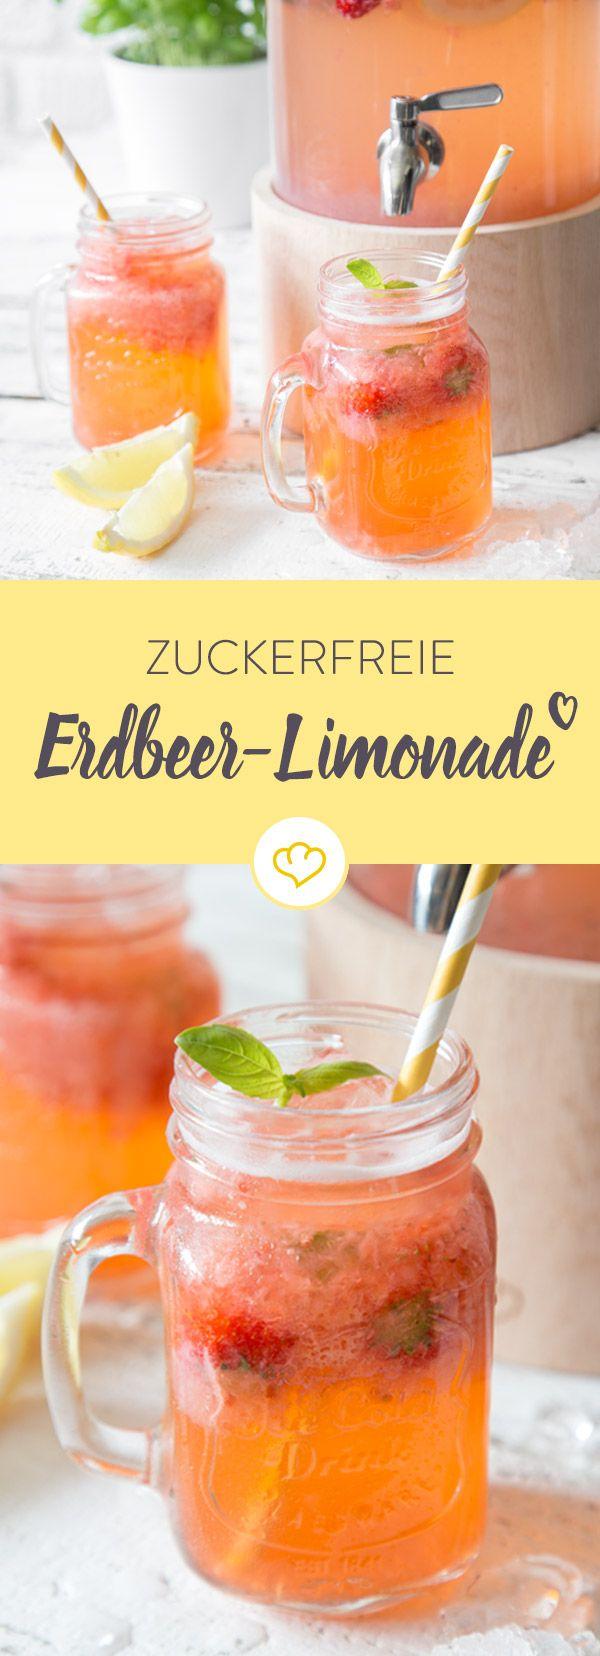 Erfrischende Aromen von Zitrone, Erdbeere und Basilikum machen diese Limonade zu einem echten Sommerhit. Das Beste daran? Sie ist komplett zuckerfrei!